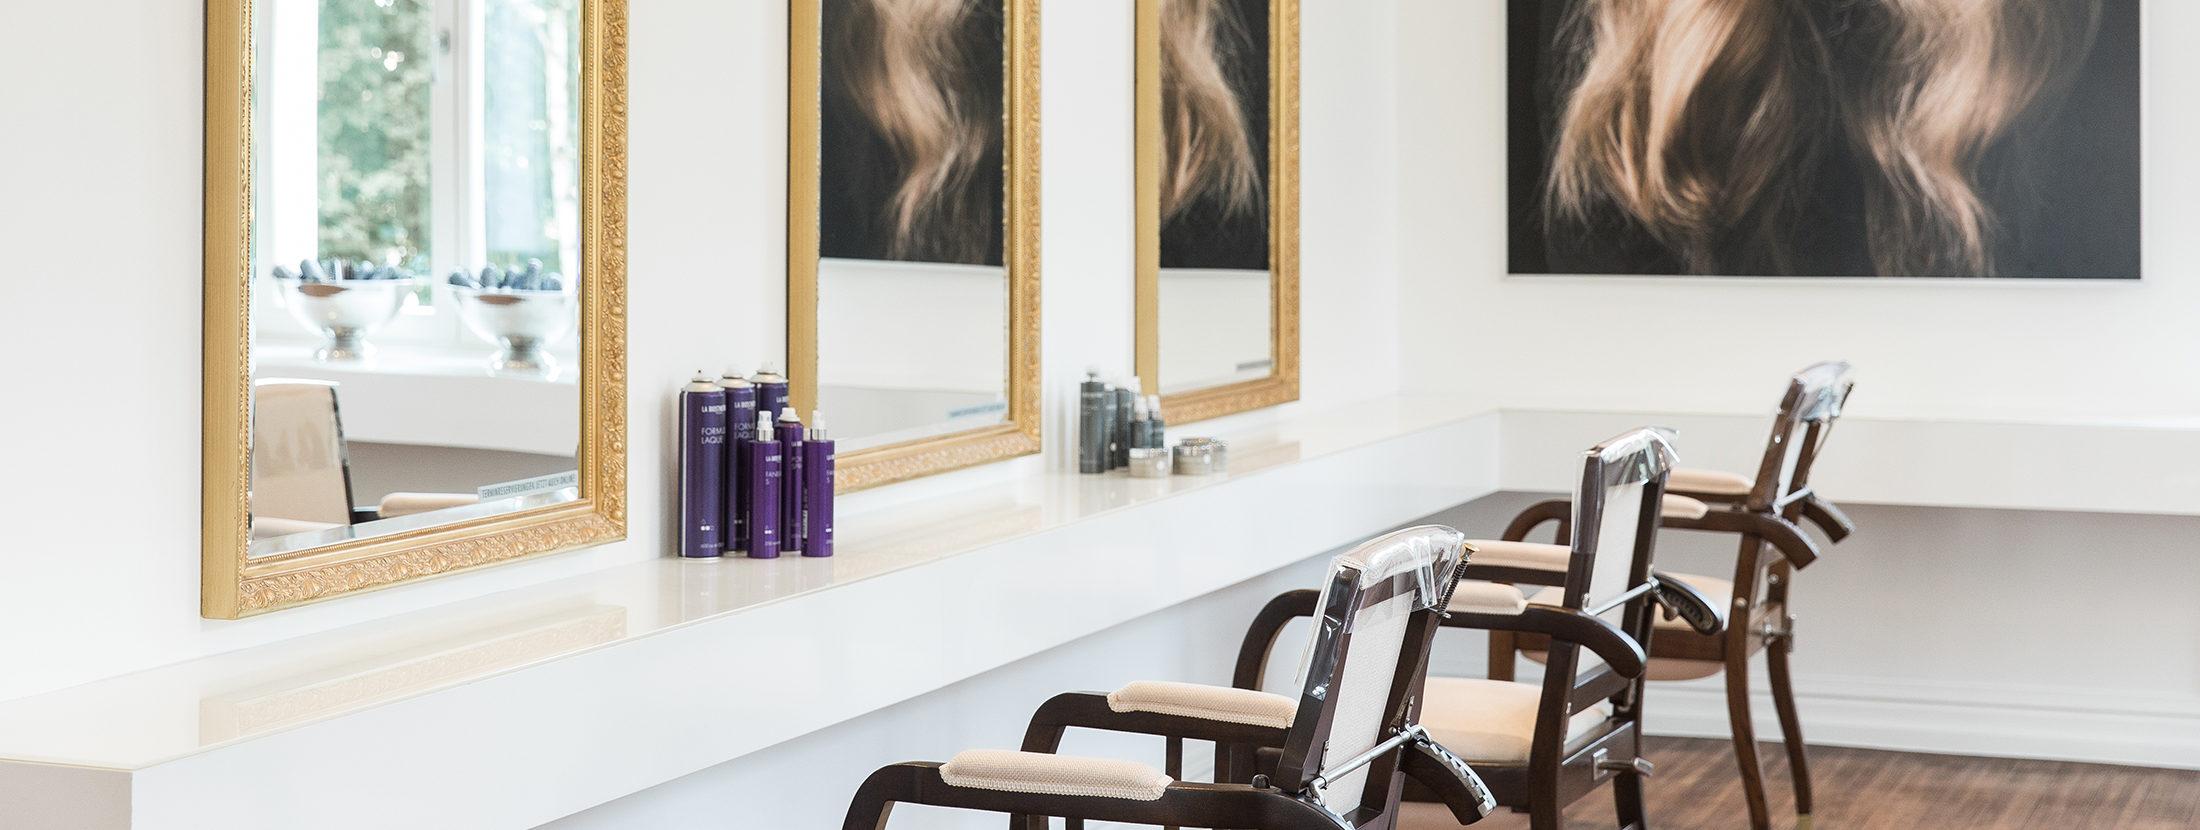 Unsere Friseur-Stühle mit Spiegeln